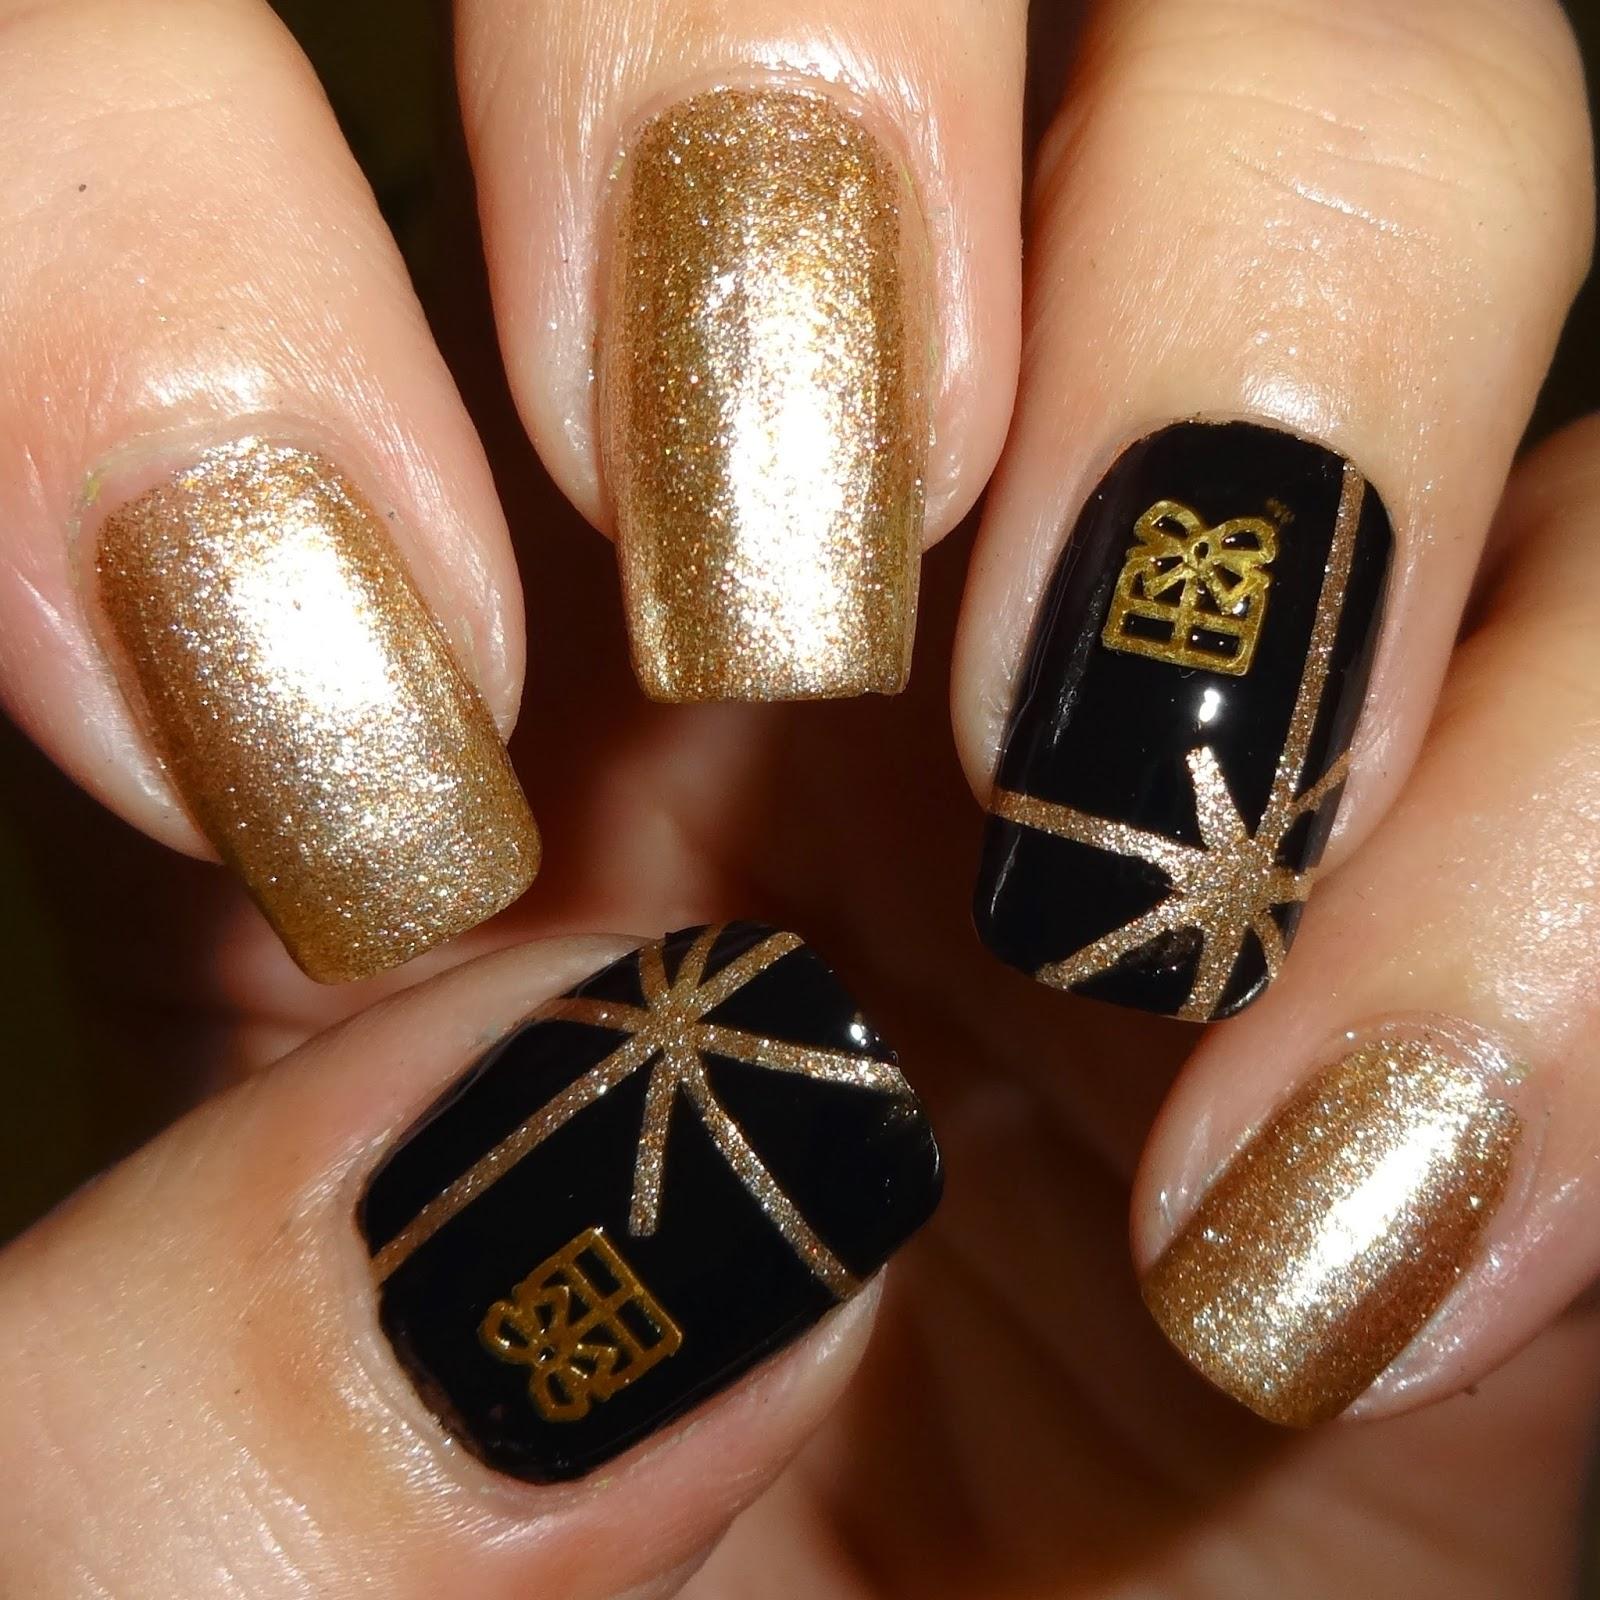 Wendys delights charlies nail art present nail decals charlies nail art present nail decals prinsesfo Choice Image